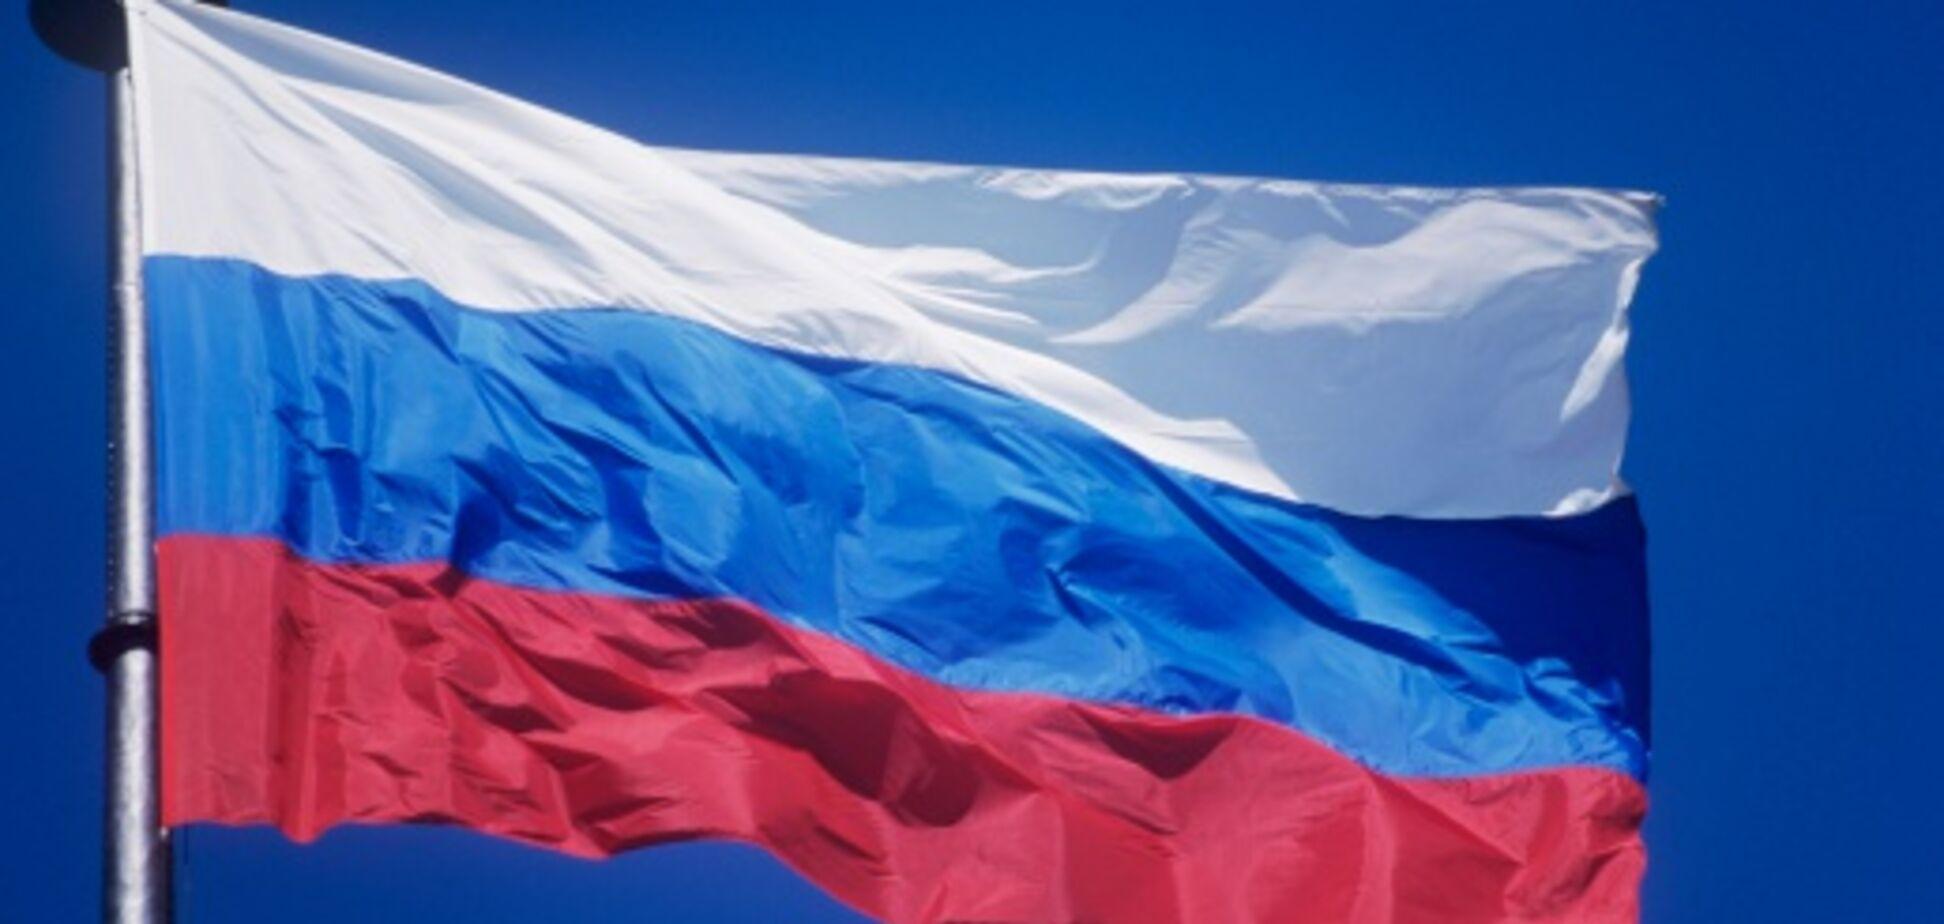 Готовы убивать тысячами: Россия по-хамски отреагировала на обвинения Британии